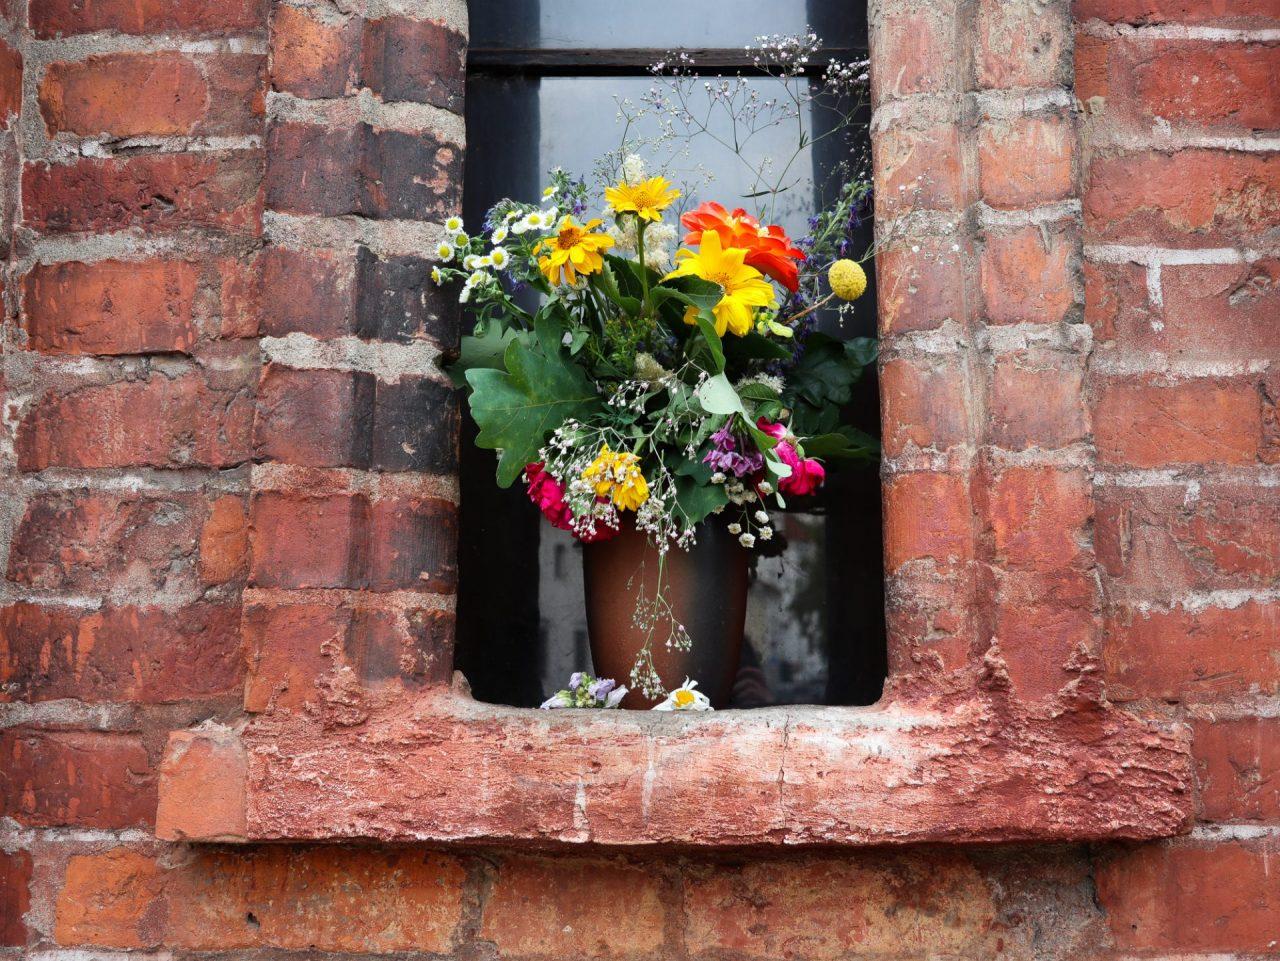 lituanie-vilnius-eglise-briques-bouquet-fleurs